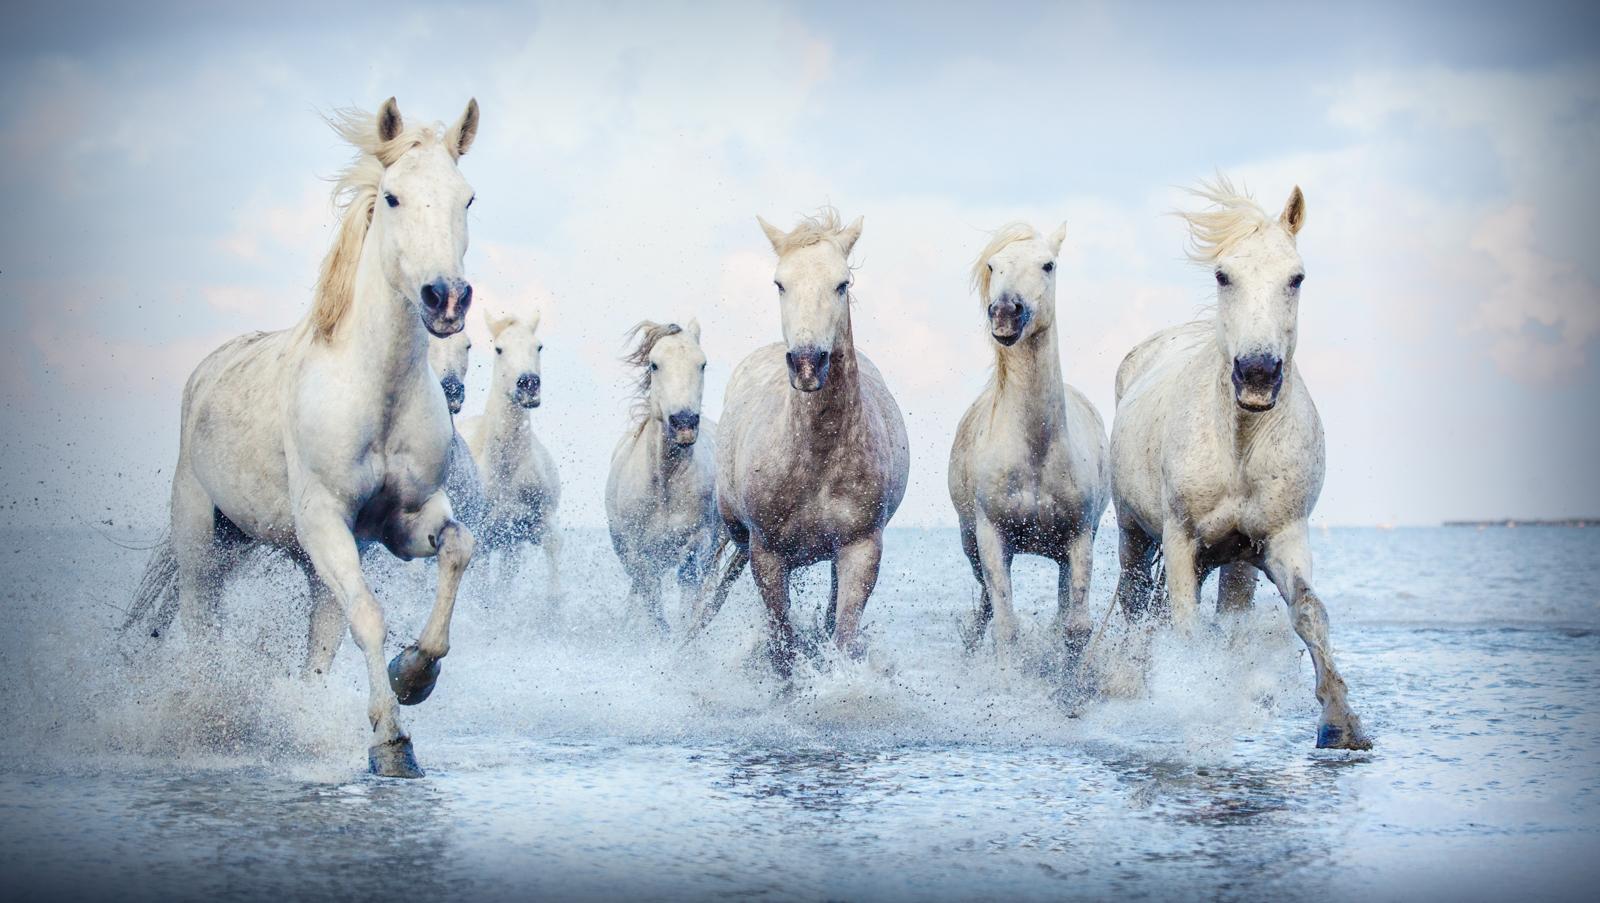 'Seahorses' by Sue Armes CPAGB ARPS